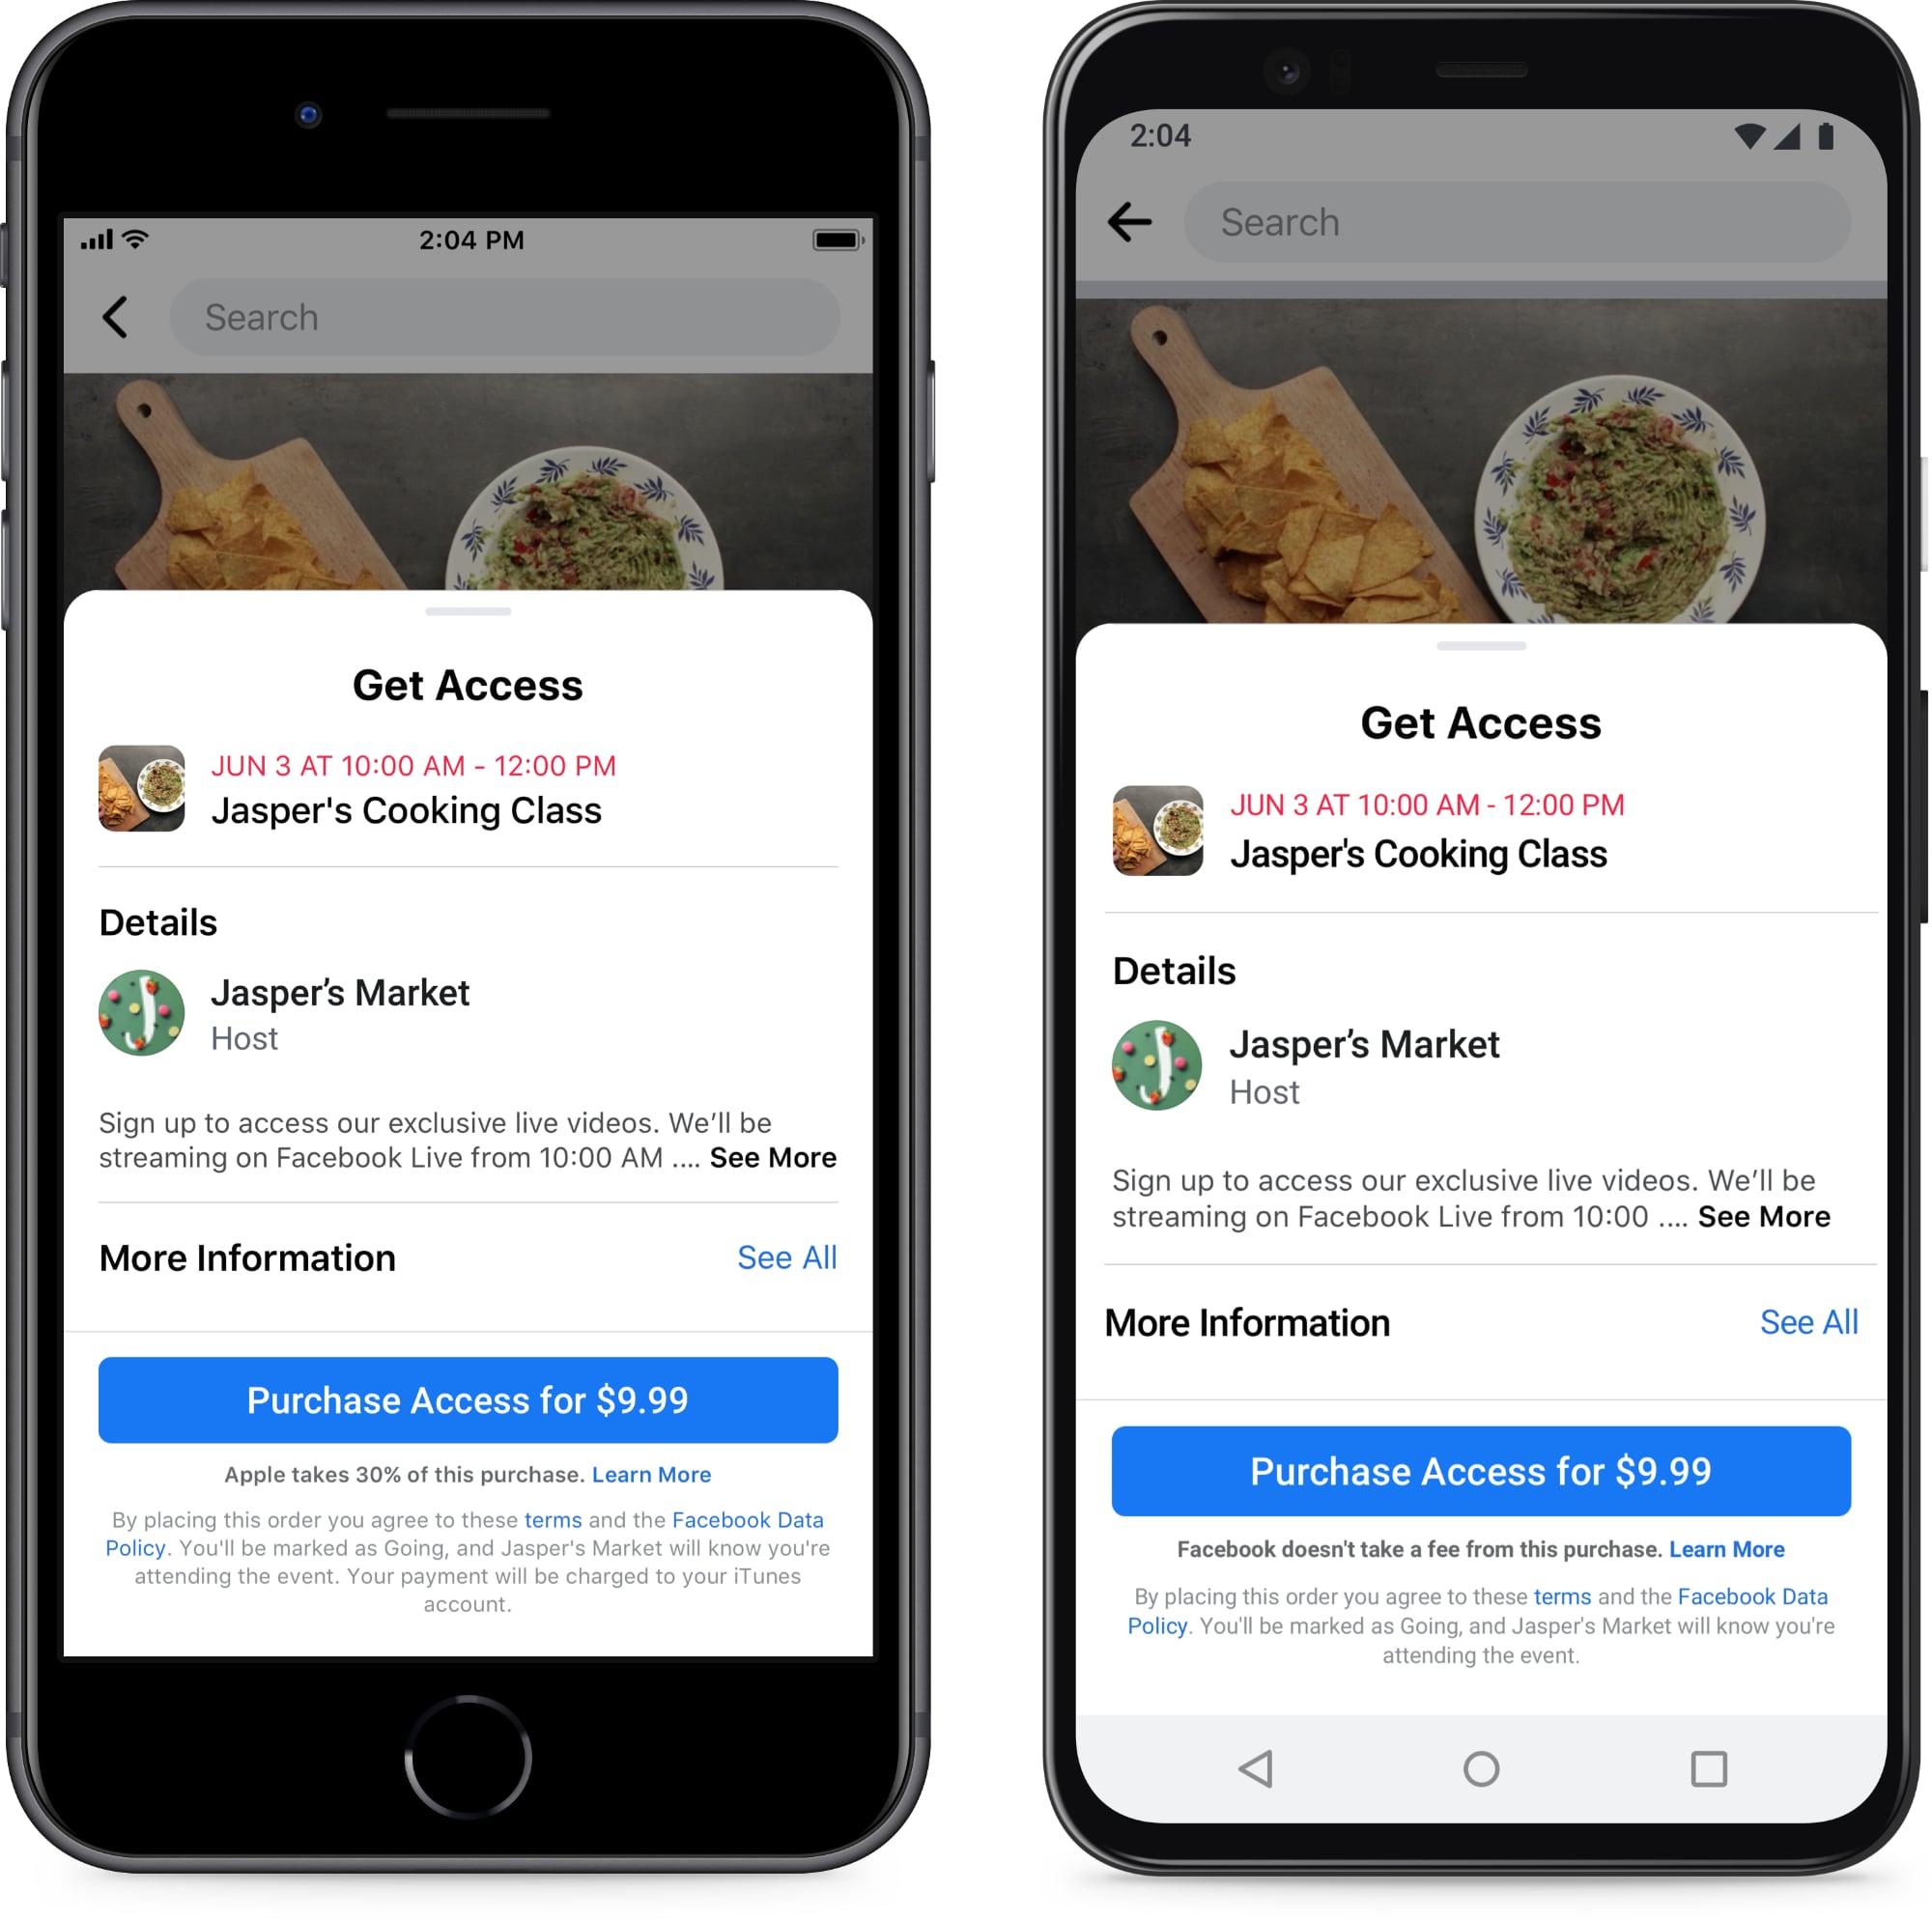 sur YT:  Facebook affirme qu'Apple nuit aux petites entreprises en percevant des frais auprès de  infos